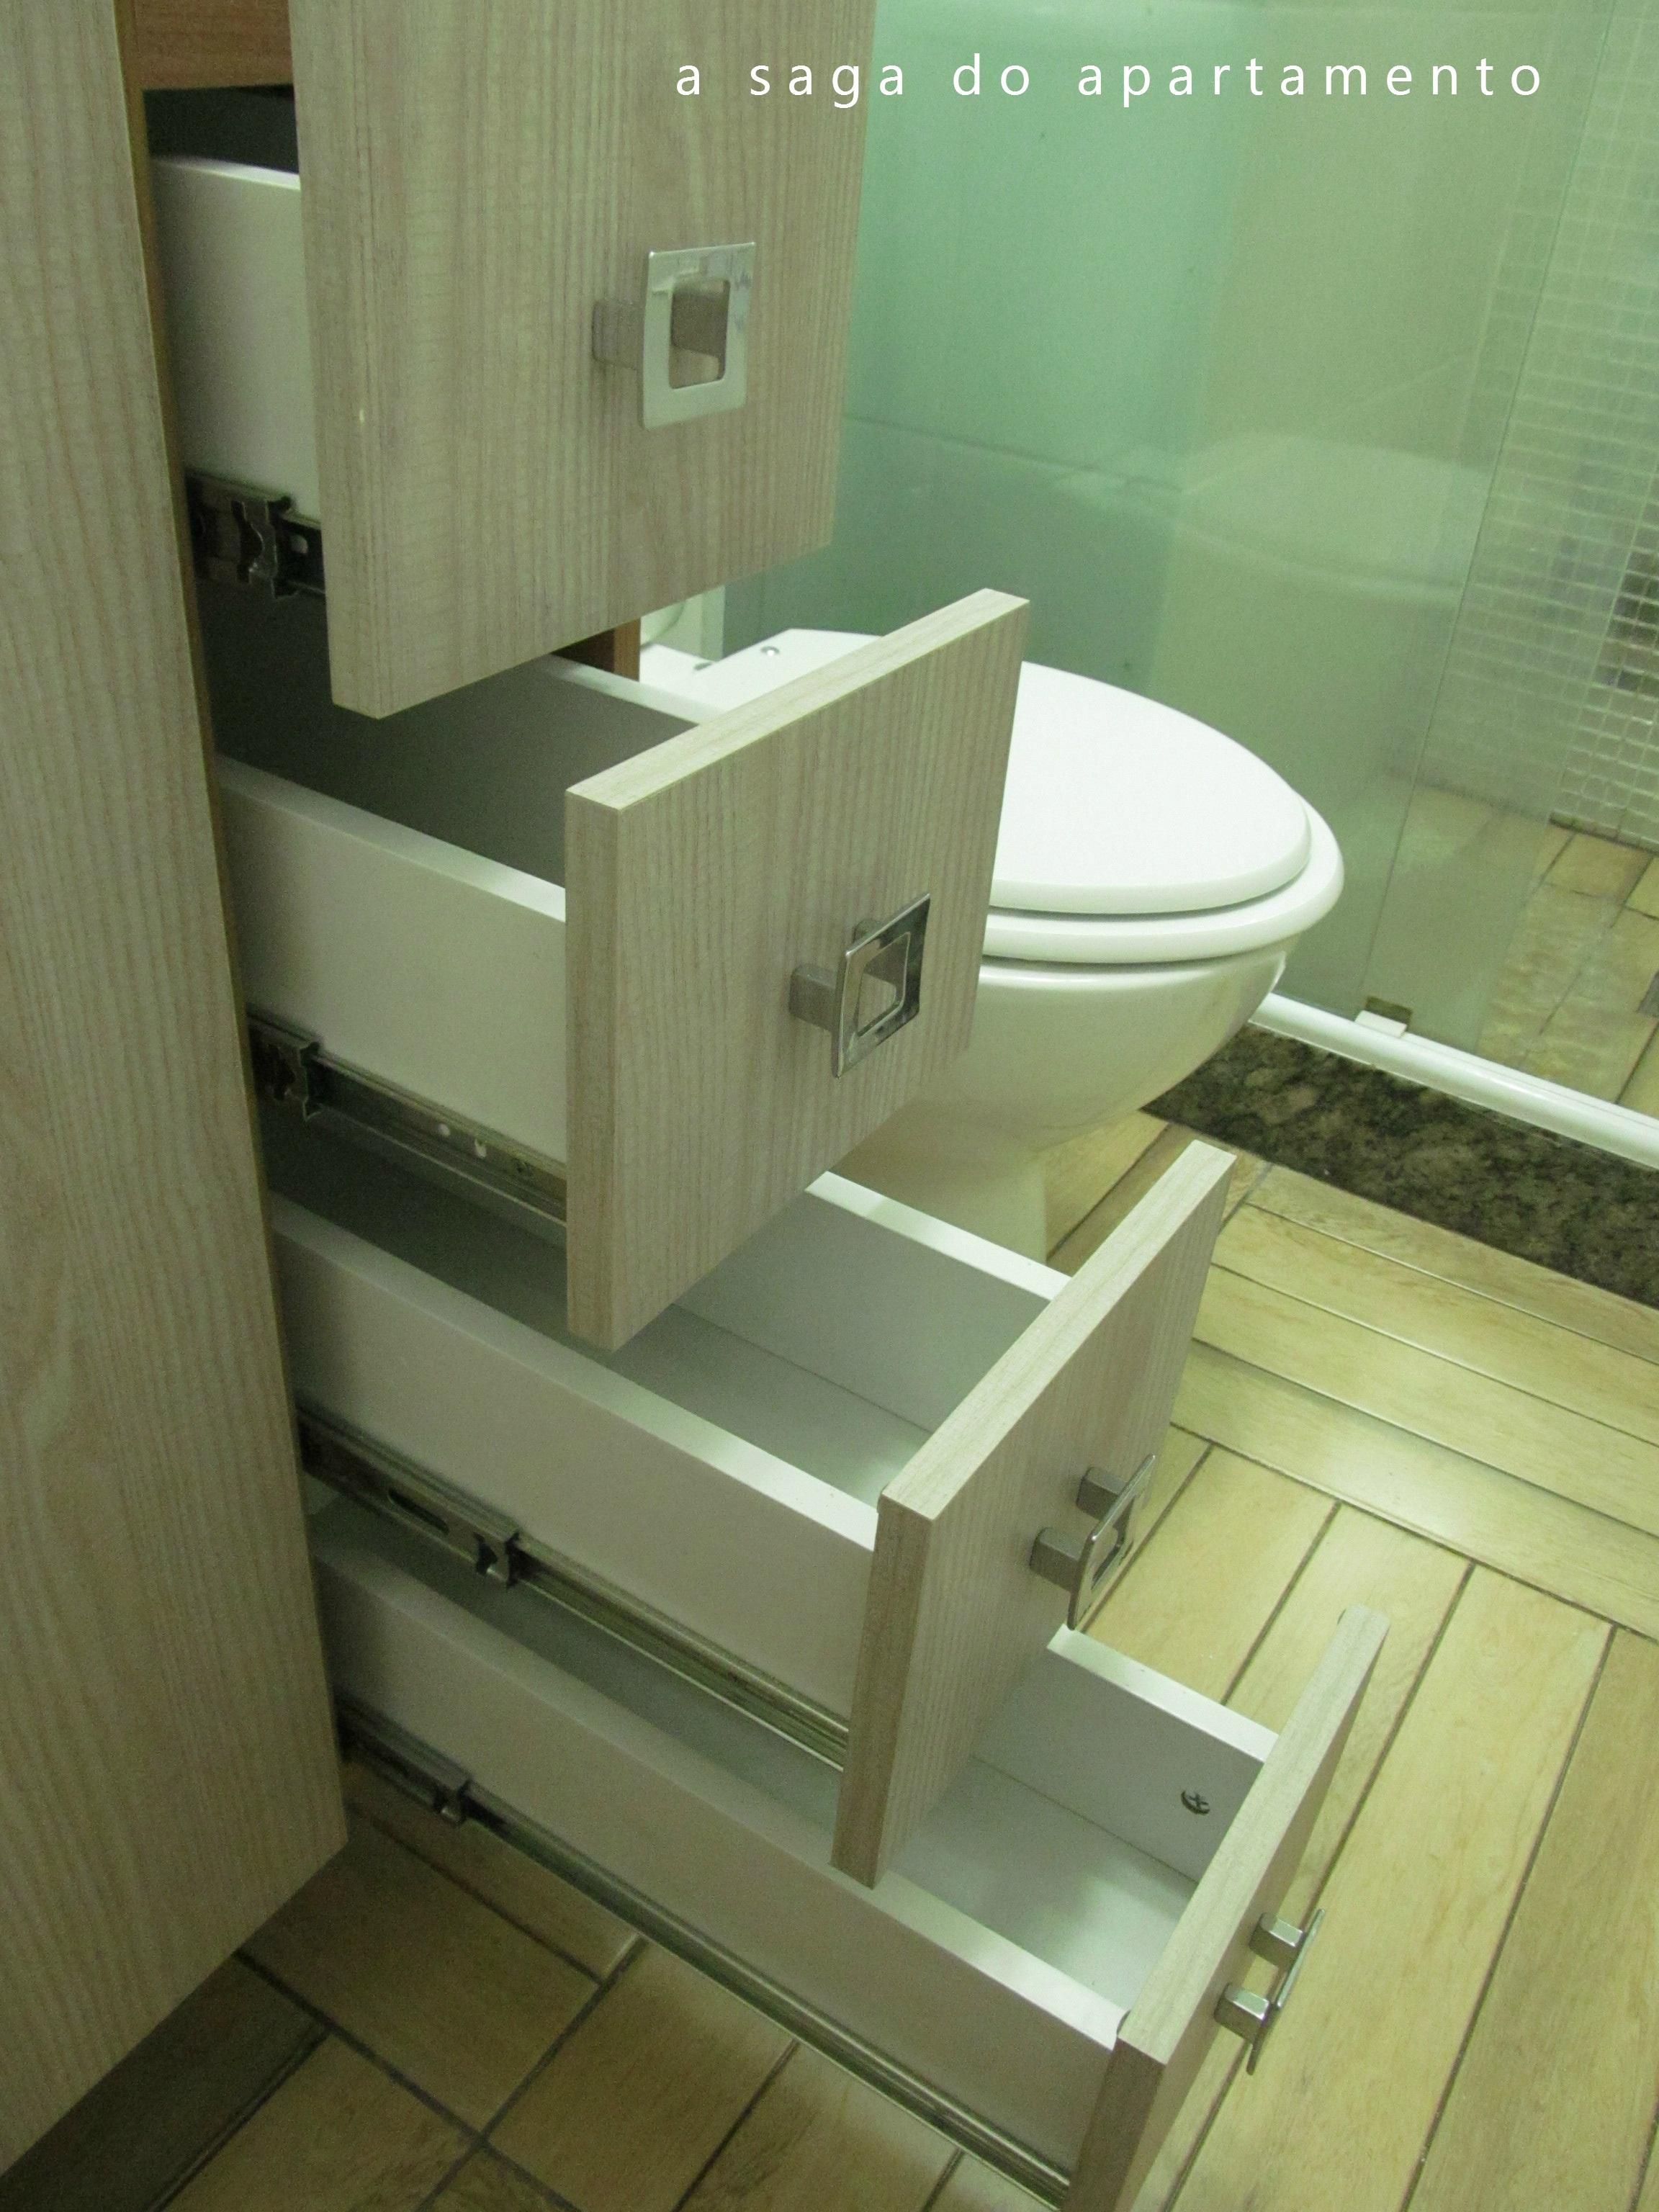 Todas as gavetas tem corrediças telescópicas deixando o abrir e  #7E8744 2304x3072 Armario Banheiro Coluna Pia